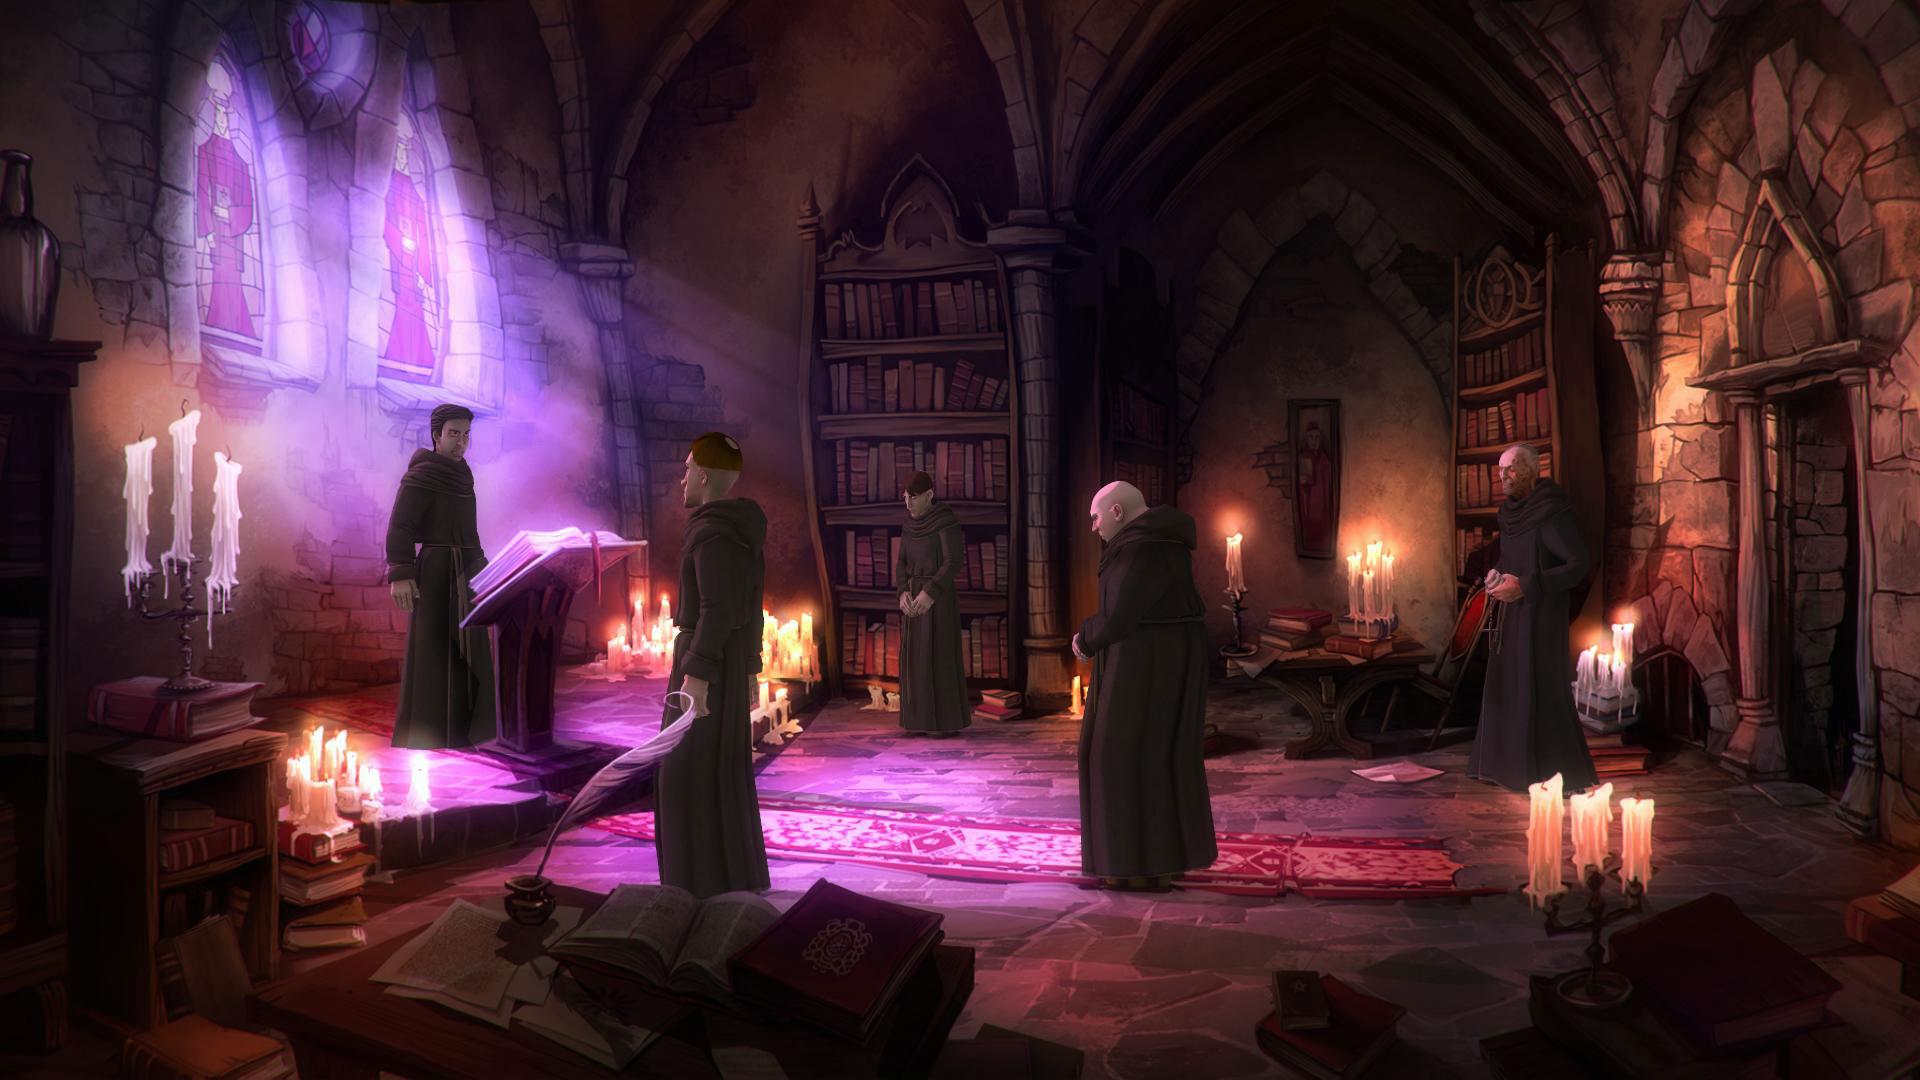 """Wer wissen will, wie Pendulos spannendes Mystery-Adventure """"Der Fall John Yesterday"""" endet, der lüftet bald in """"Yesterday Origins"""" das Geheimnis. Genre-Freunde freuen sich auf anspruchsvolle Kost im Comic-Look • ab 29.09. für PC, PS4, Xbox One"""